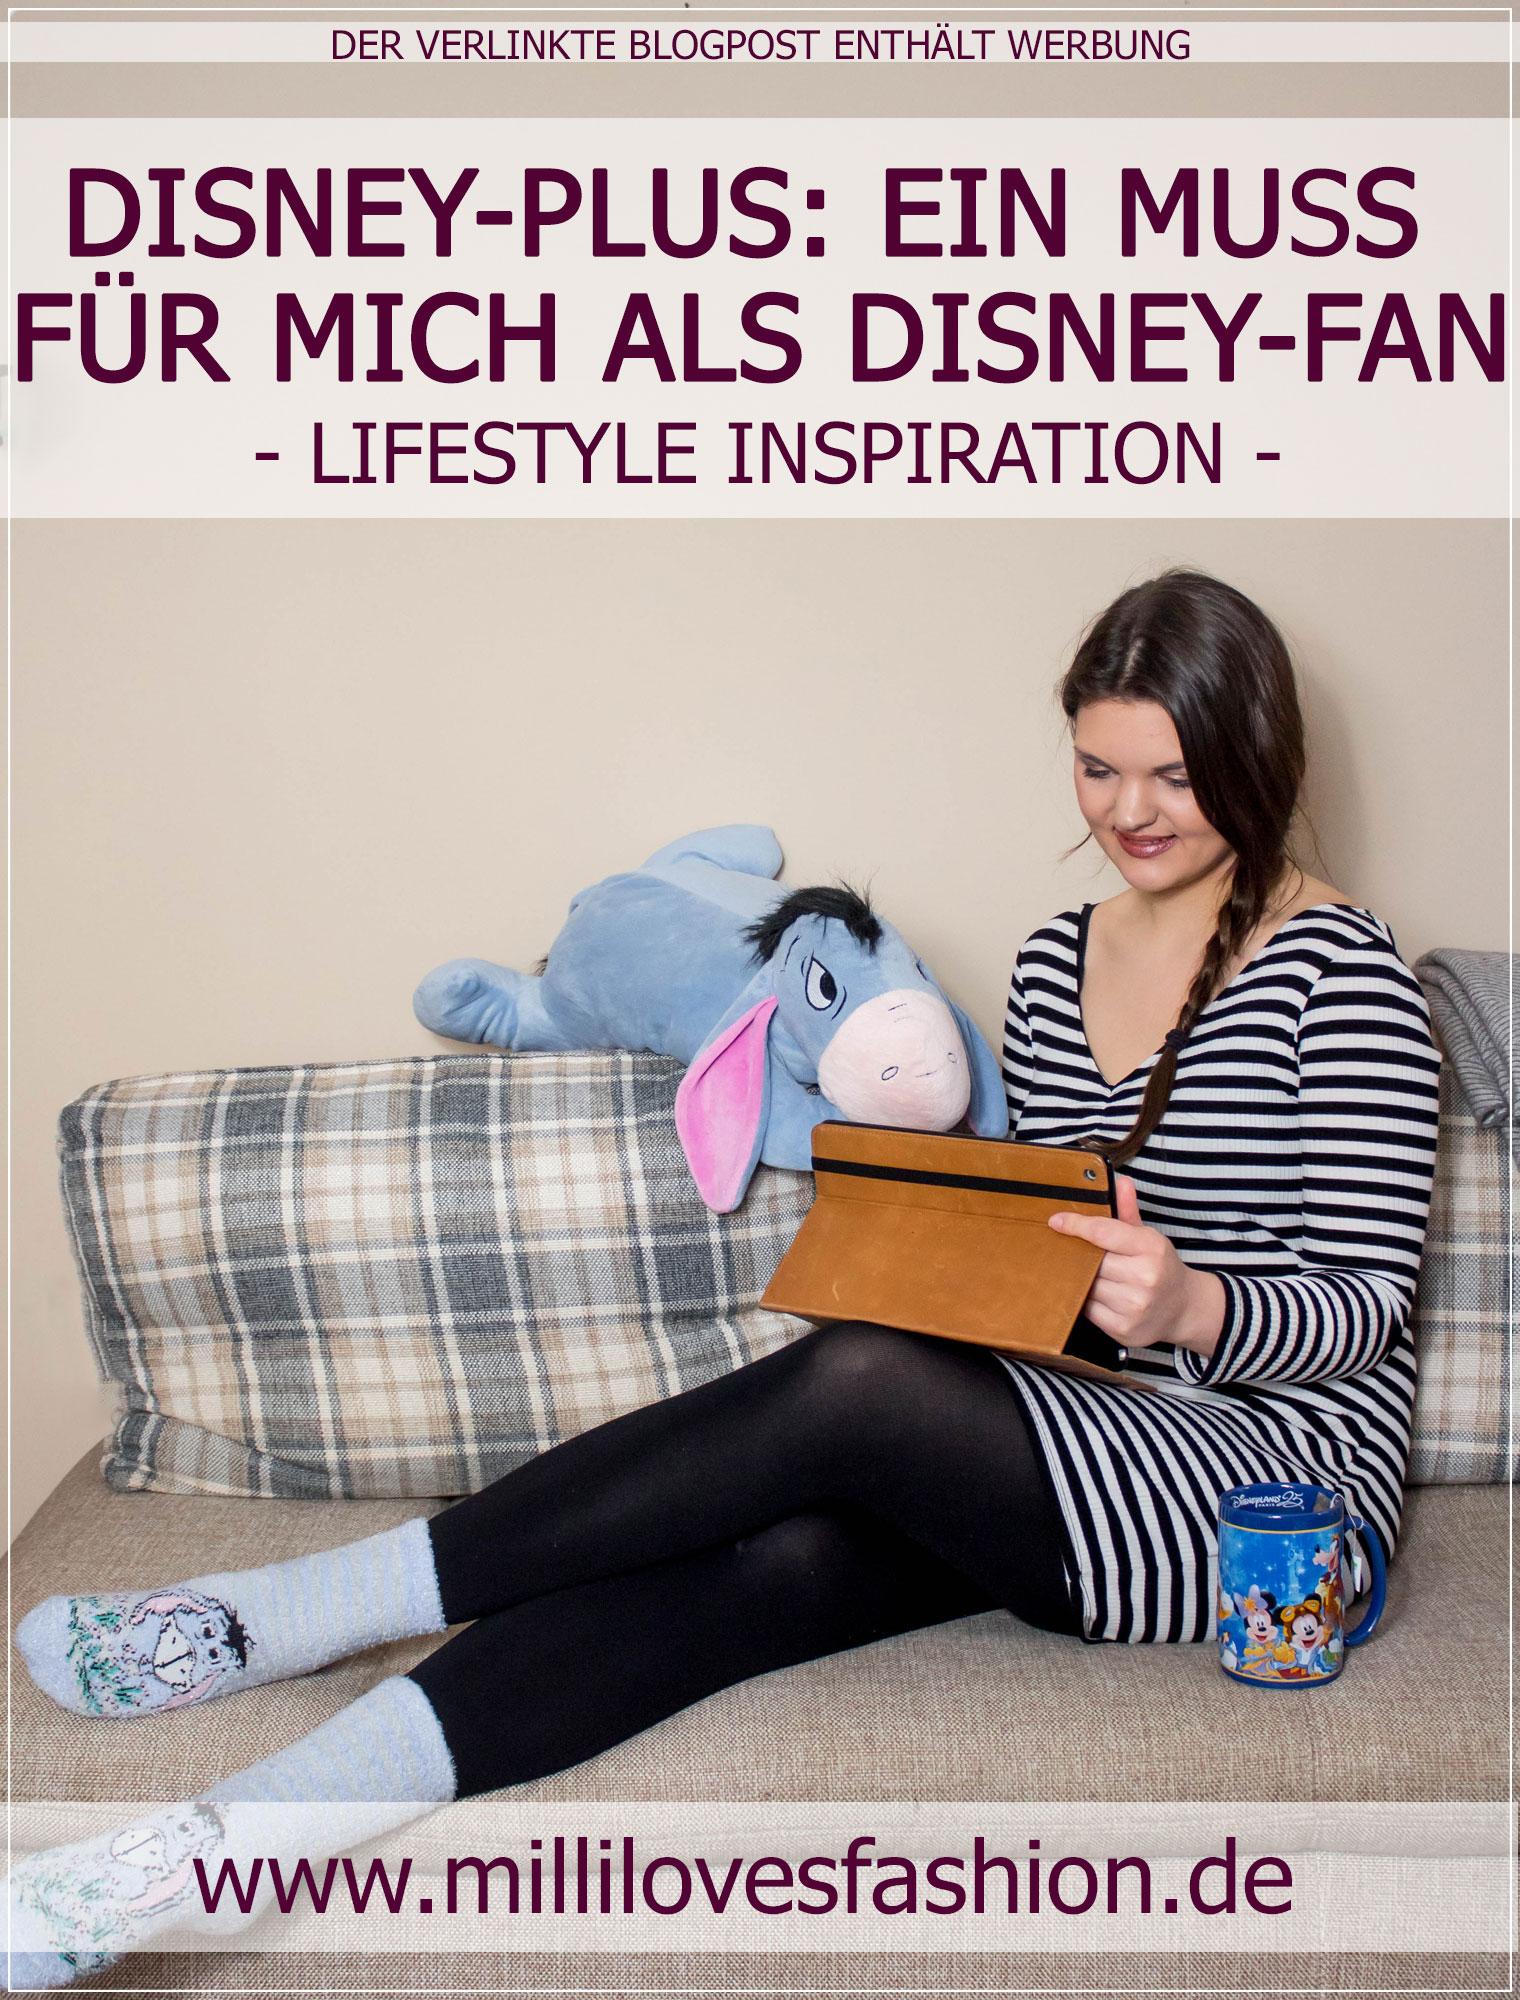 Disney Plus, Disney Streaming Dienst, Disney-Filme, Disney, Disney-Blog, Disney-Zauber, Filmempfehlung, Blog, Ruhrgebiet, Modeblog